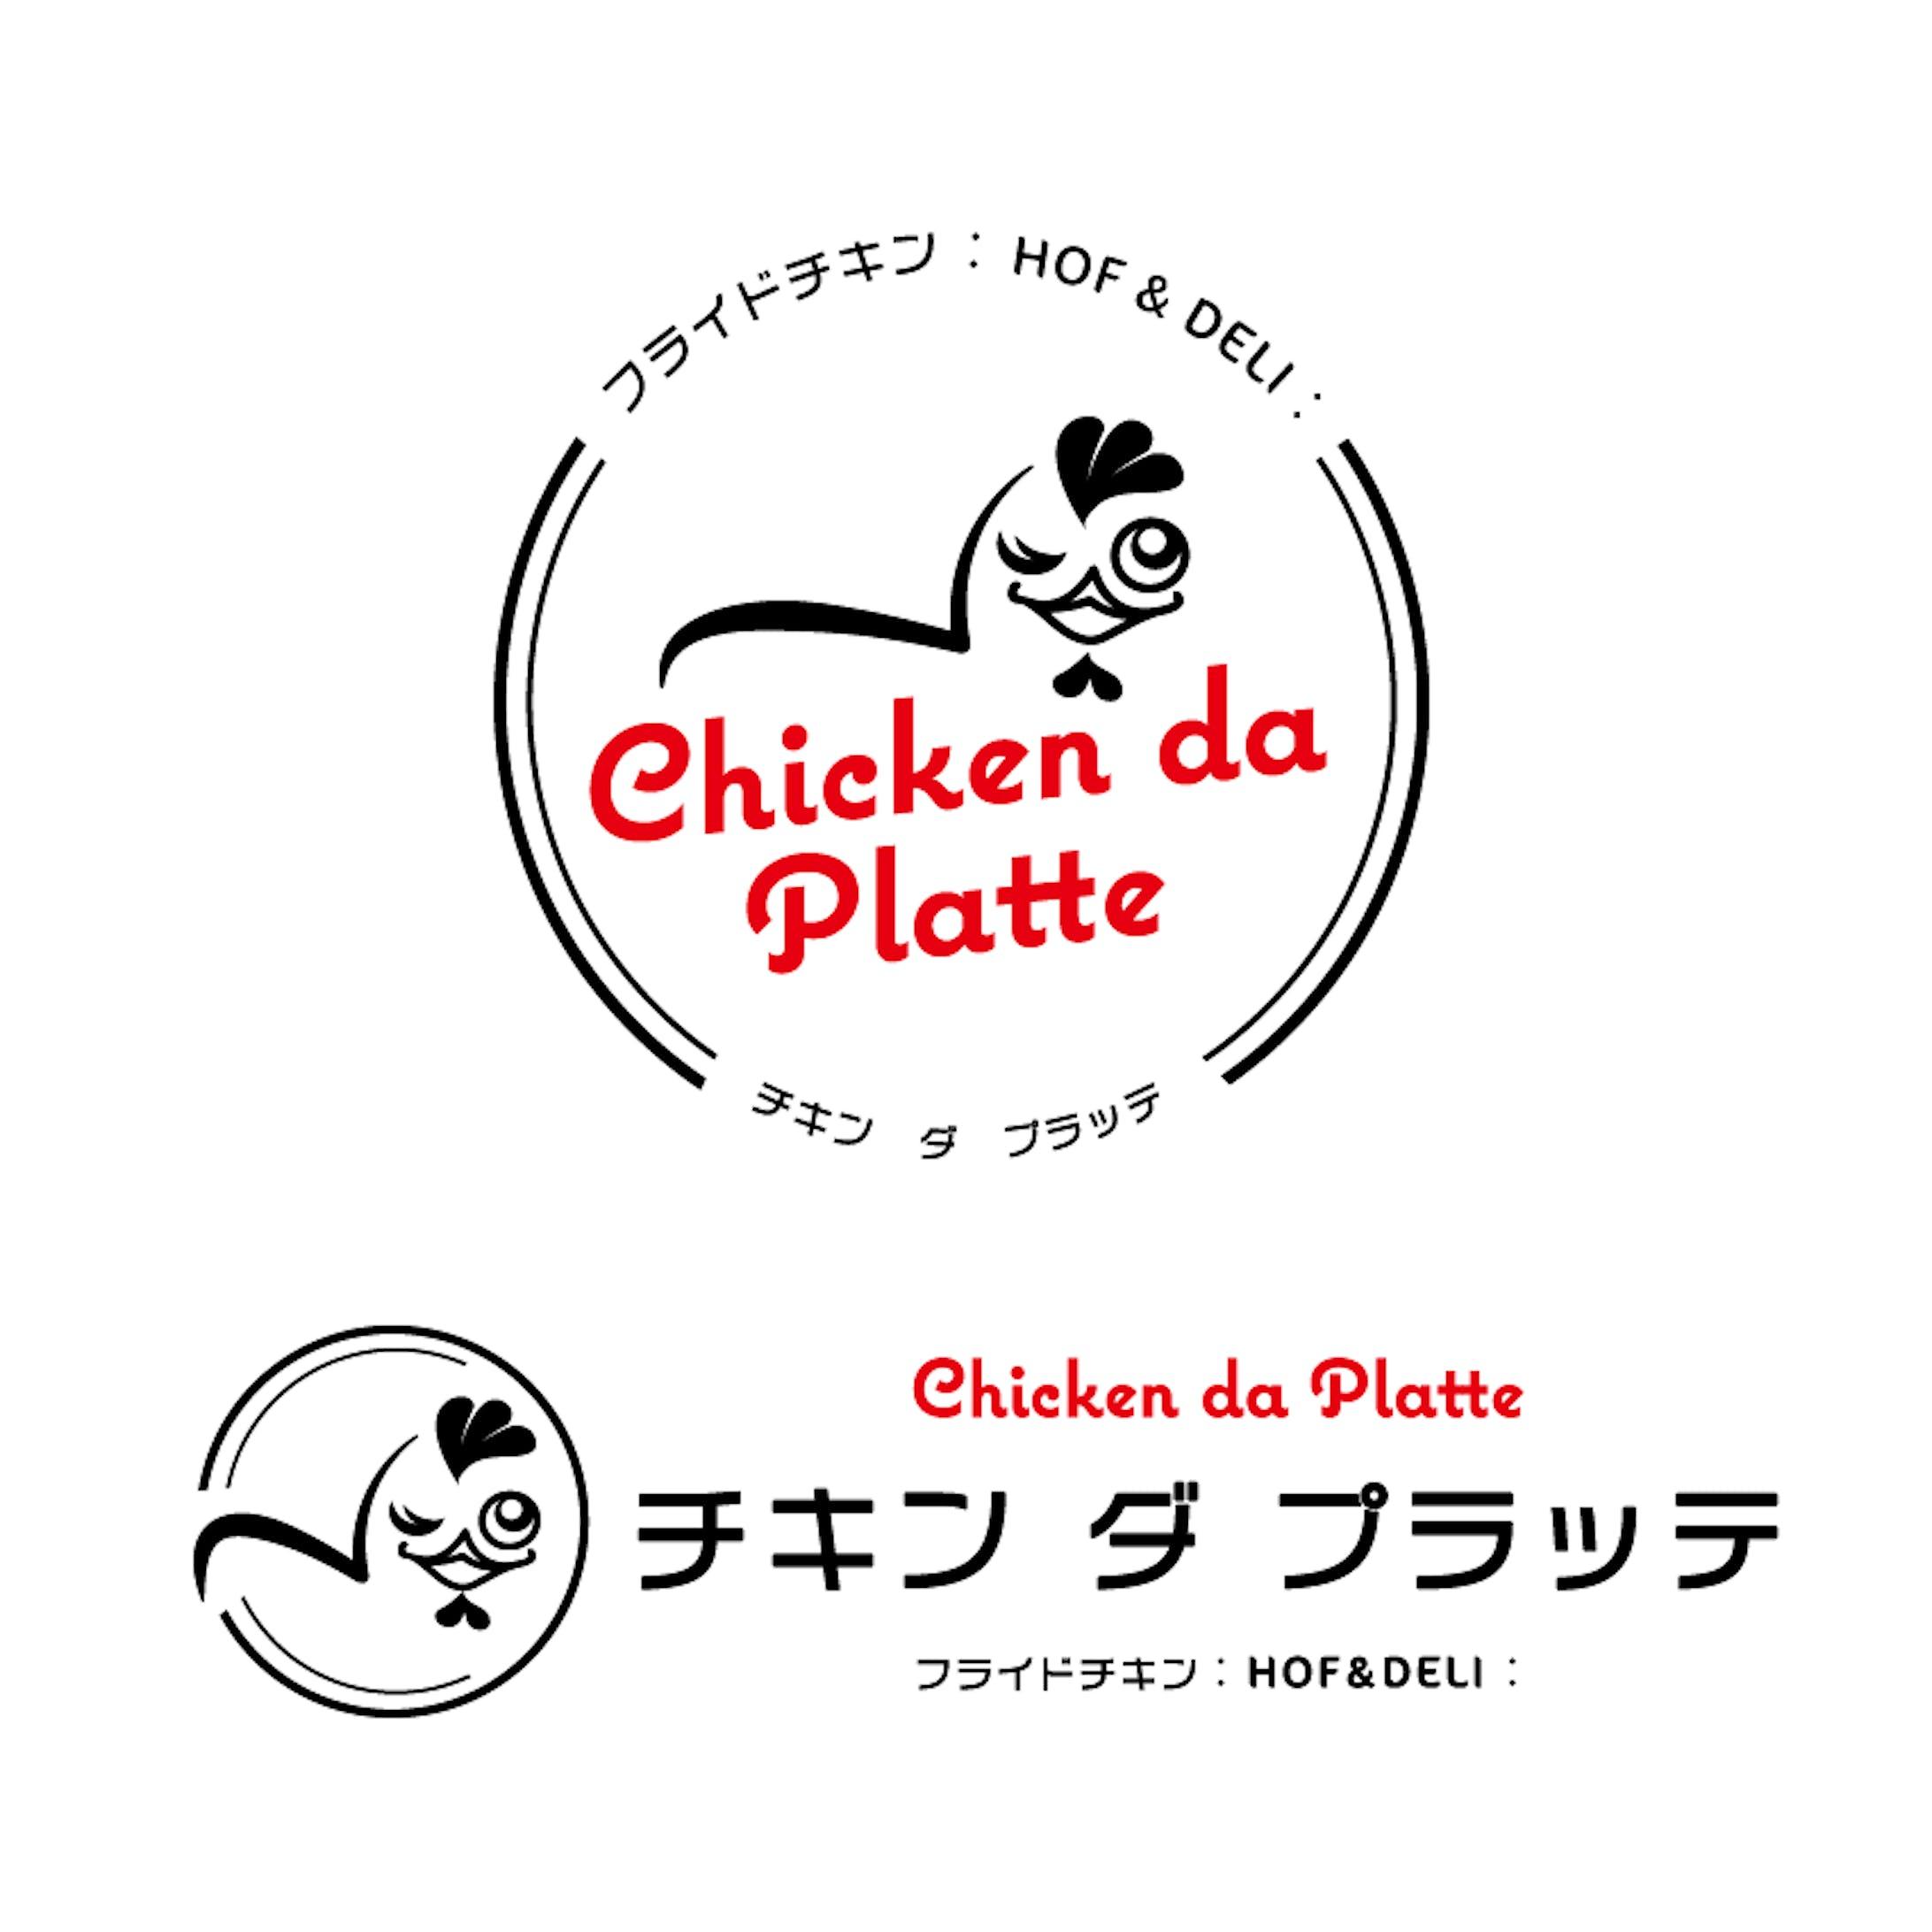 チキン専門店 ロゴ-1